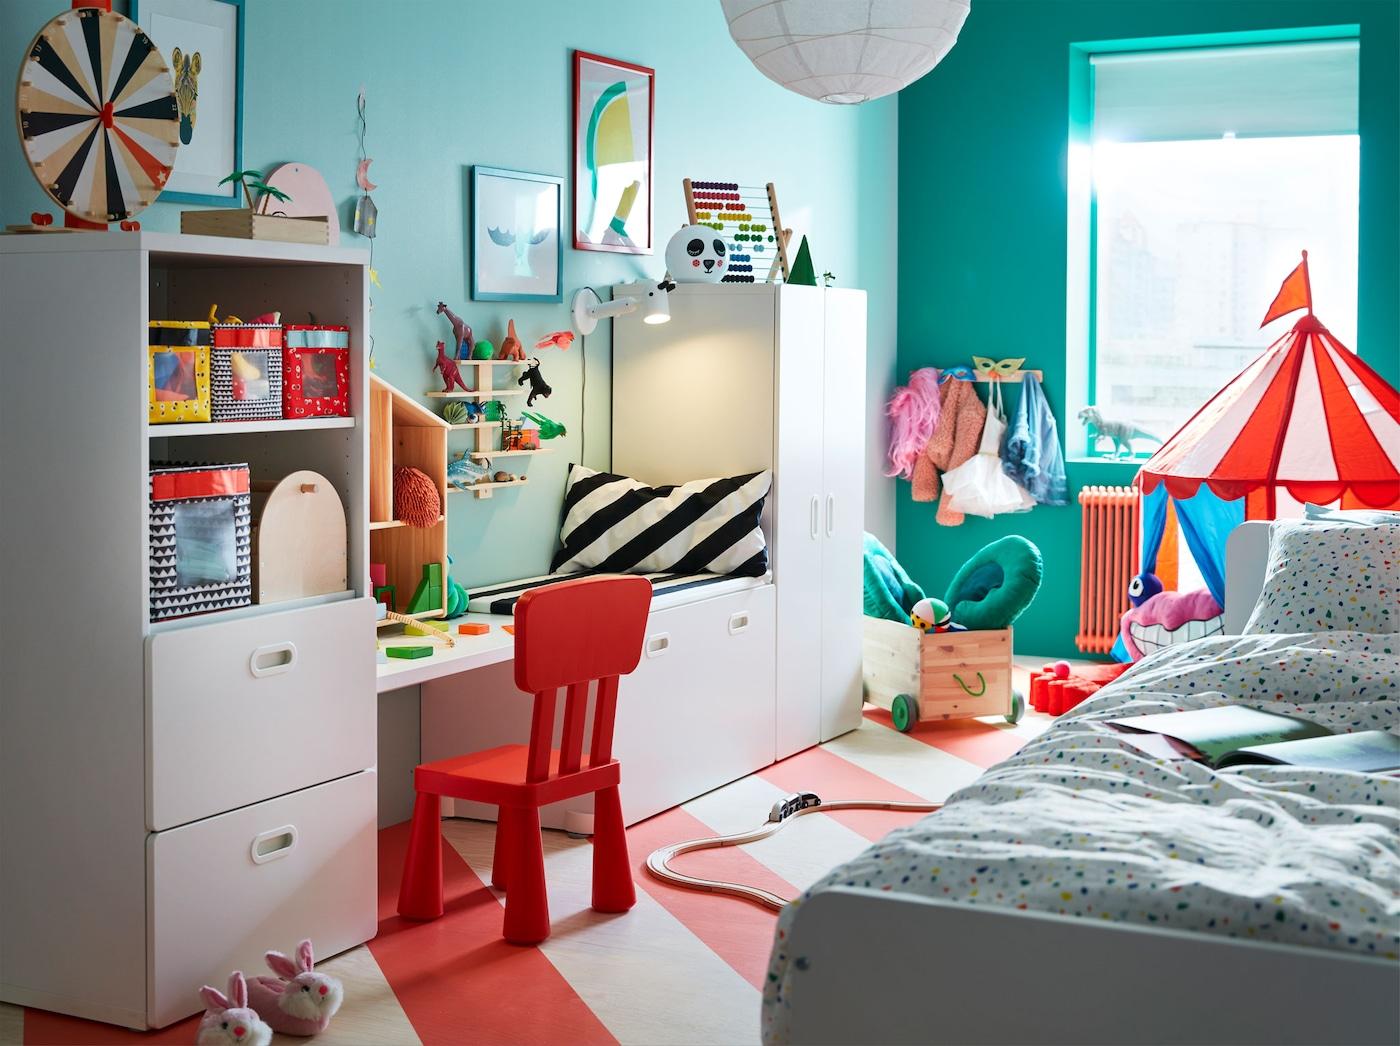 Jeux De Rangement De La Chambre un paradis de jeu pour les enfants - ikea